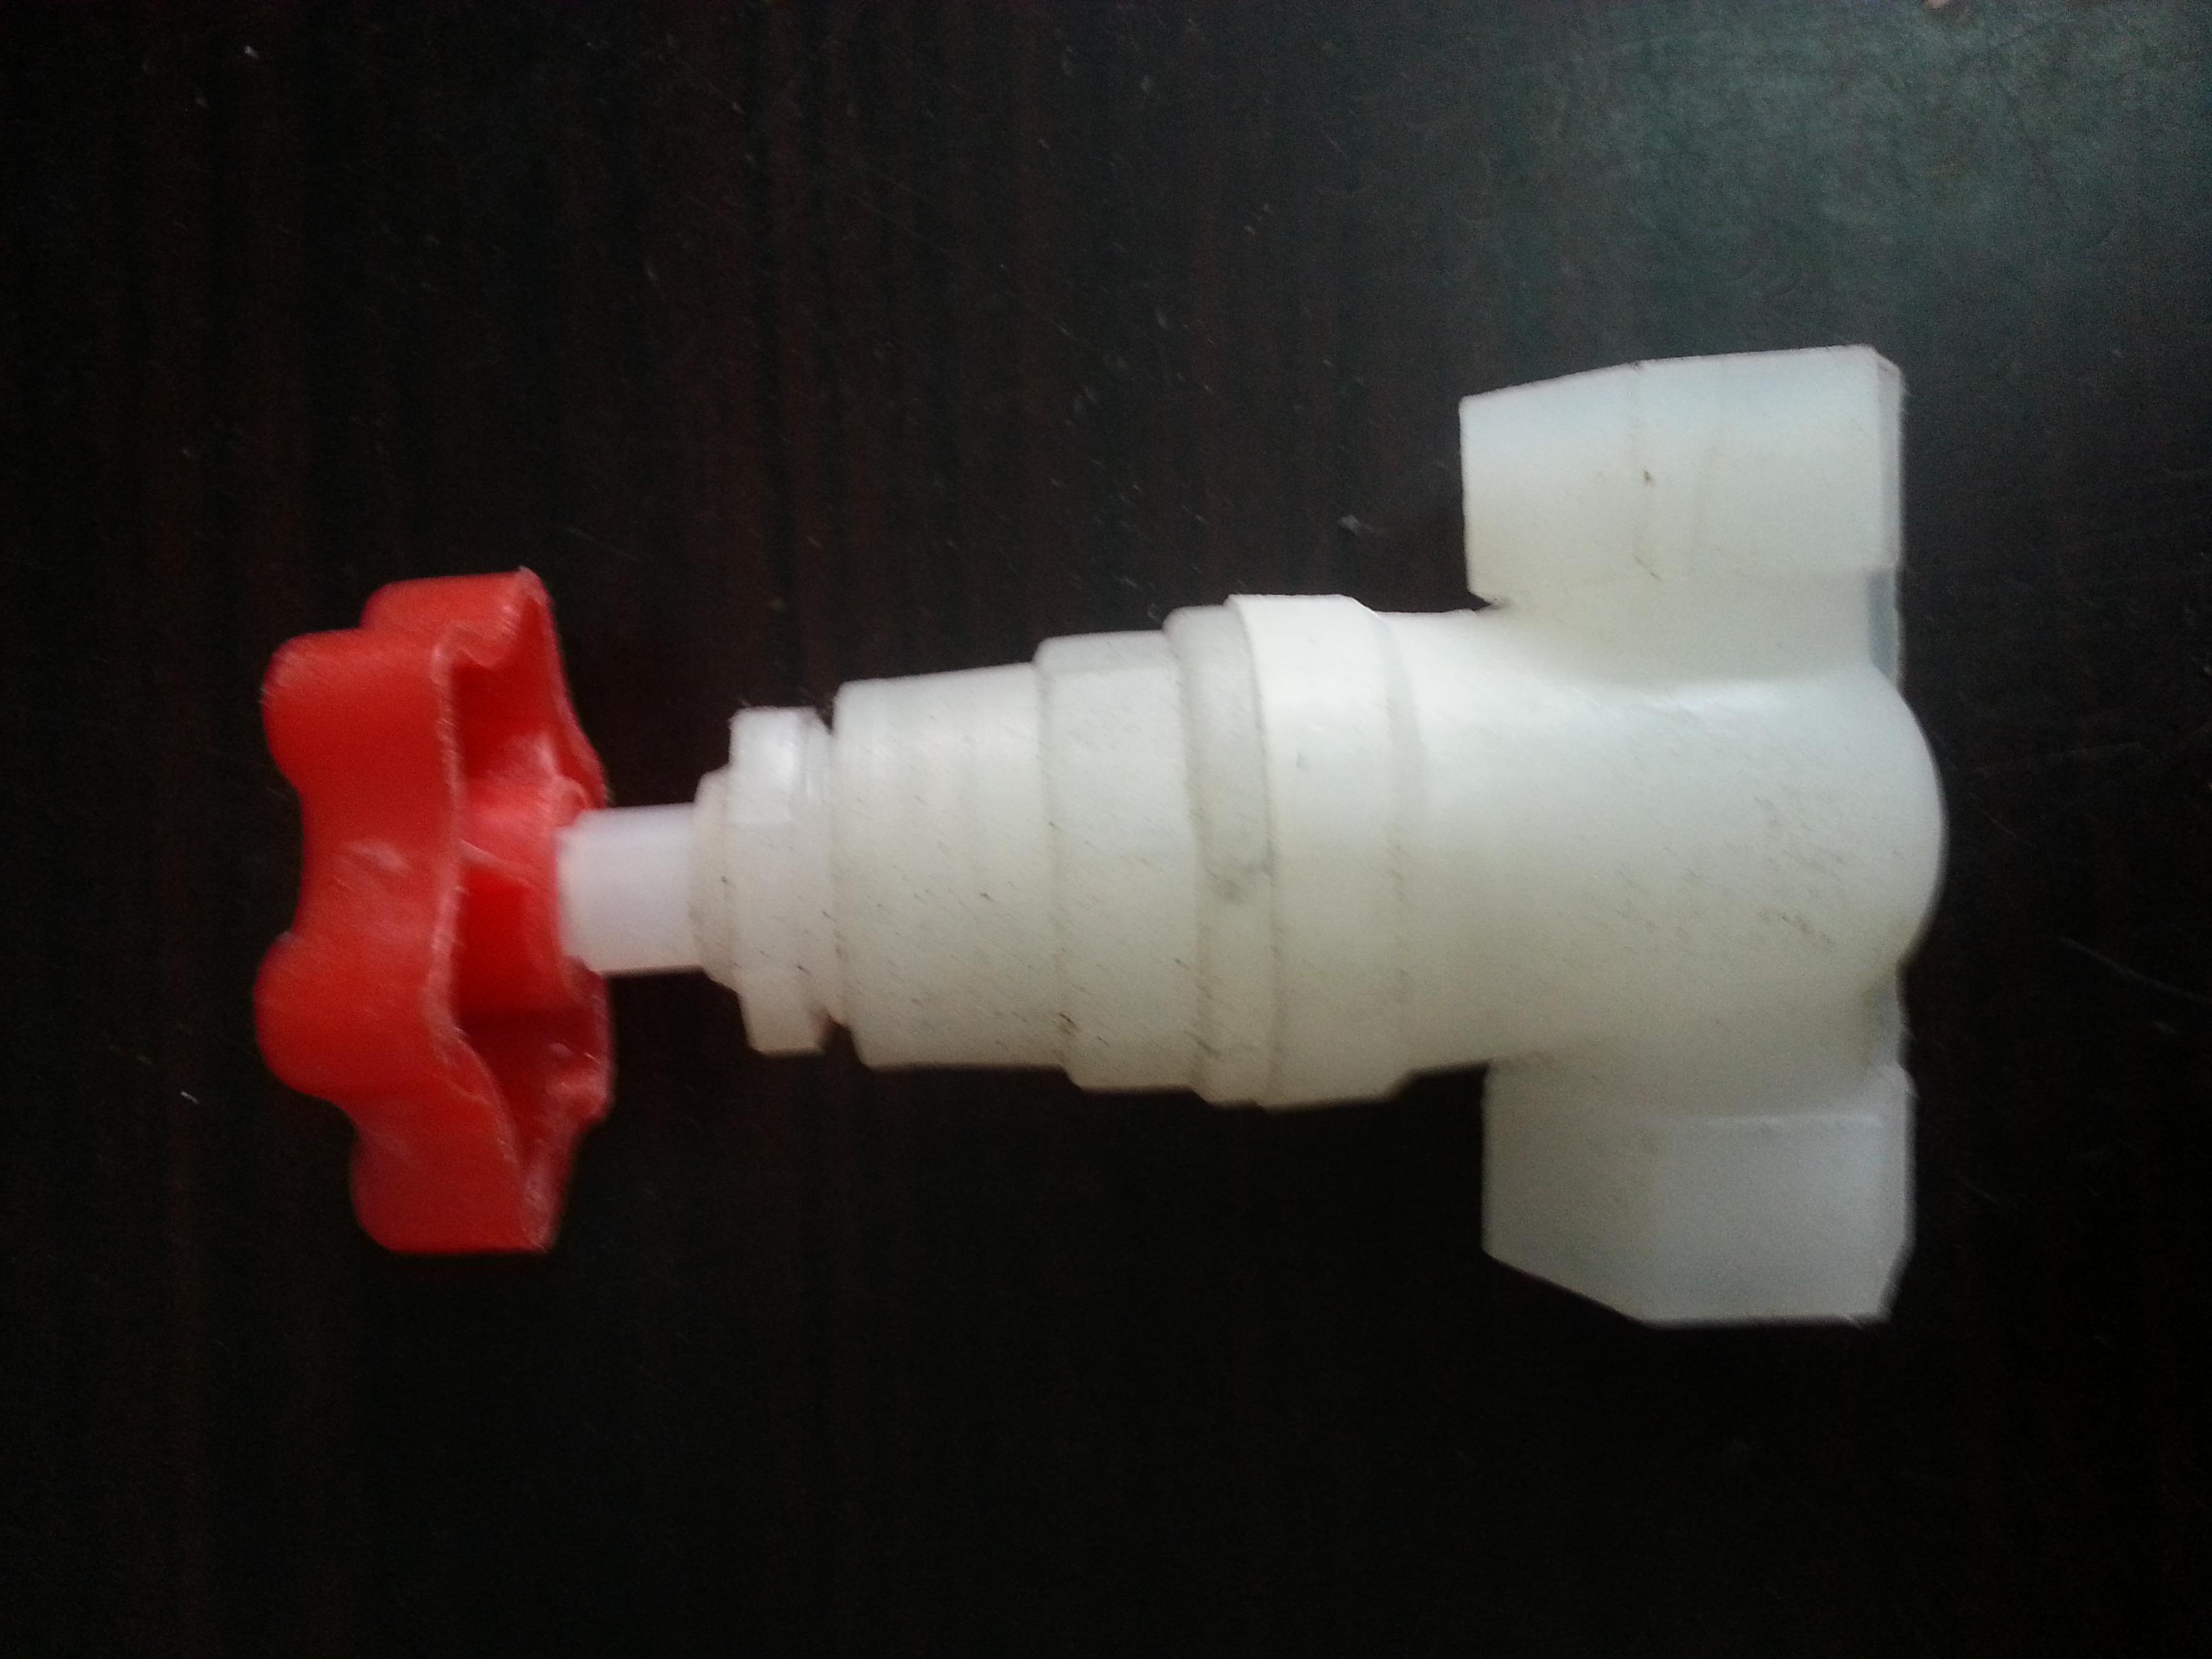 RPP塑料截止阀 进口塑料法兰截止阀用途